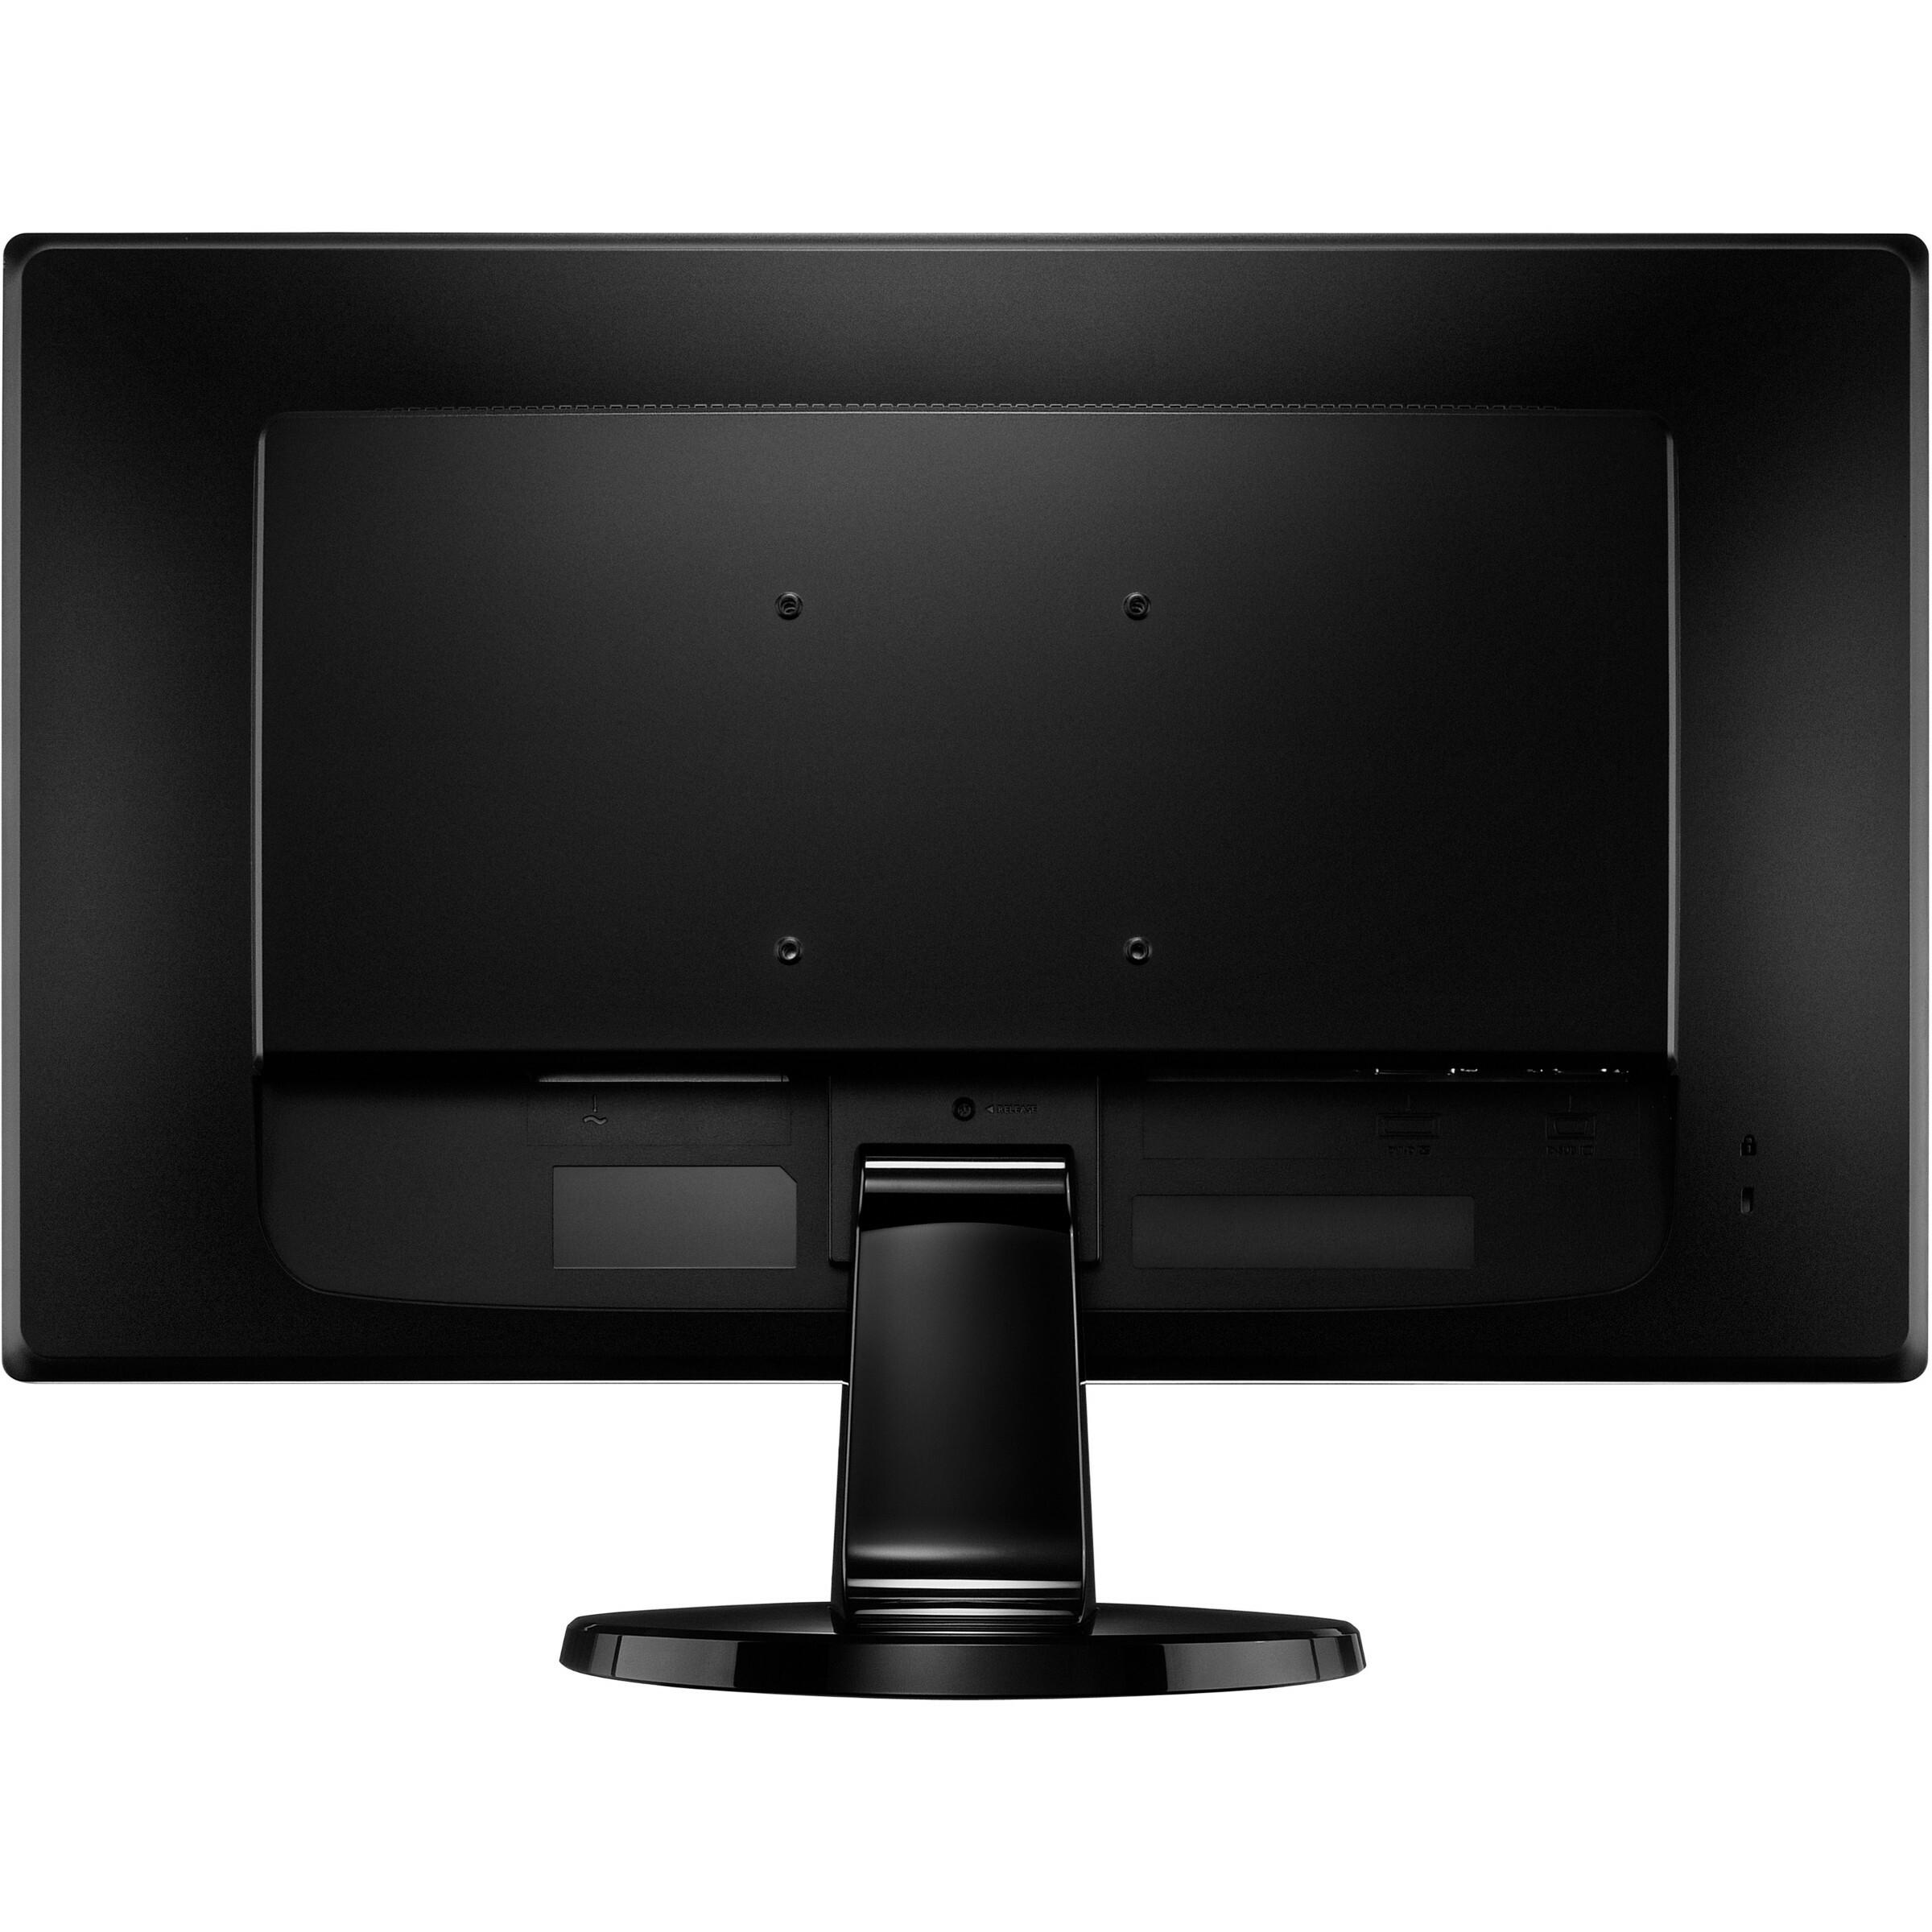 BenQ GL2450 24inch LED Monitor - 16:9 - 5 ms